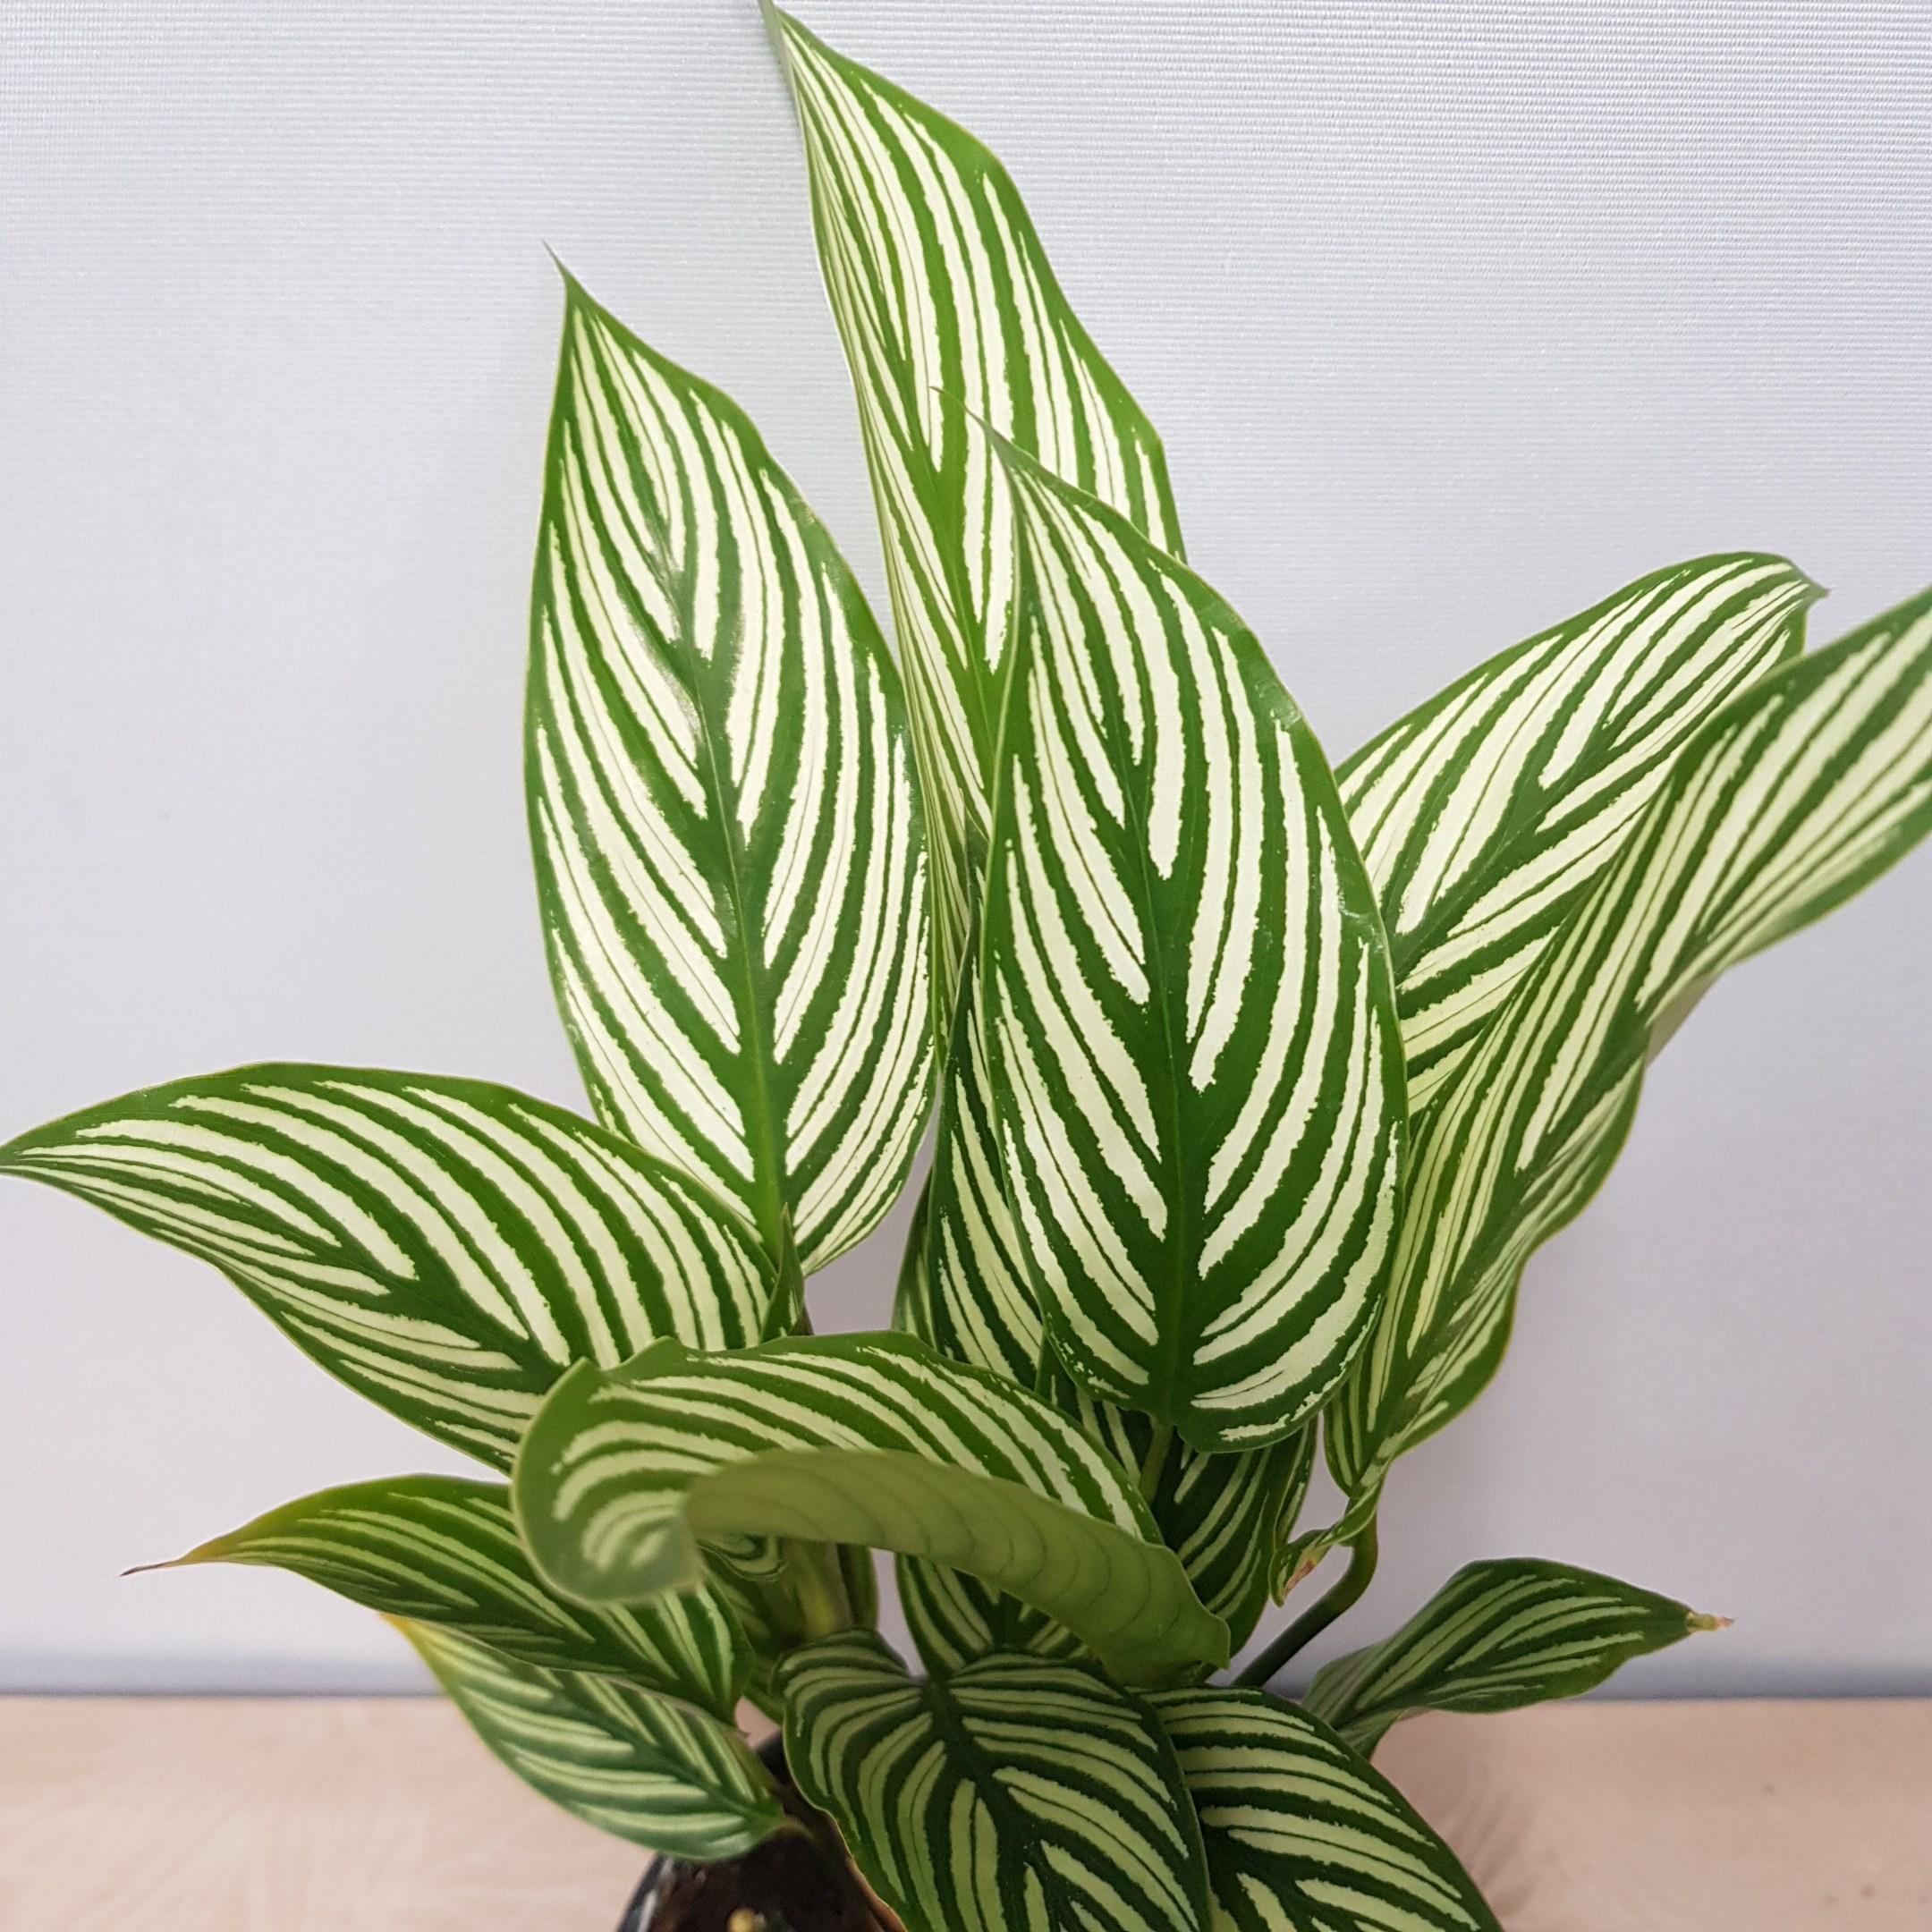 콩플라워 칼라데아 비타타 수입식물